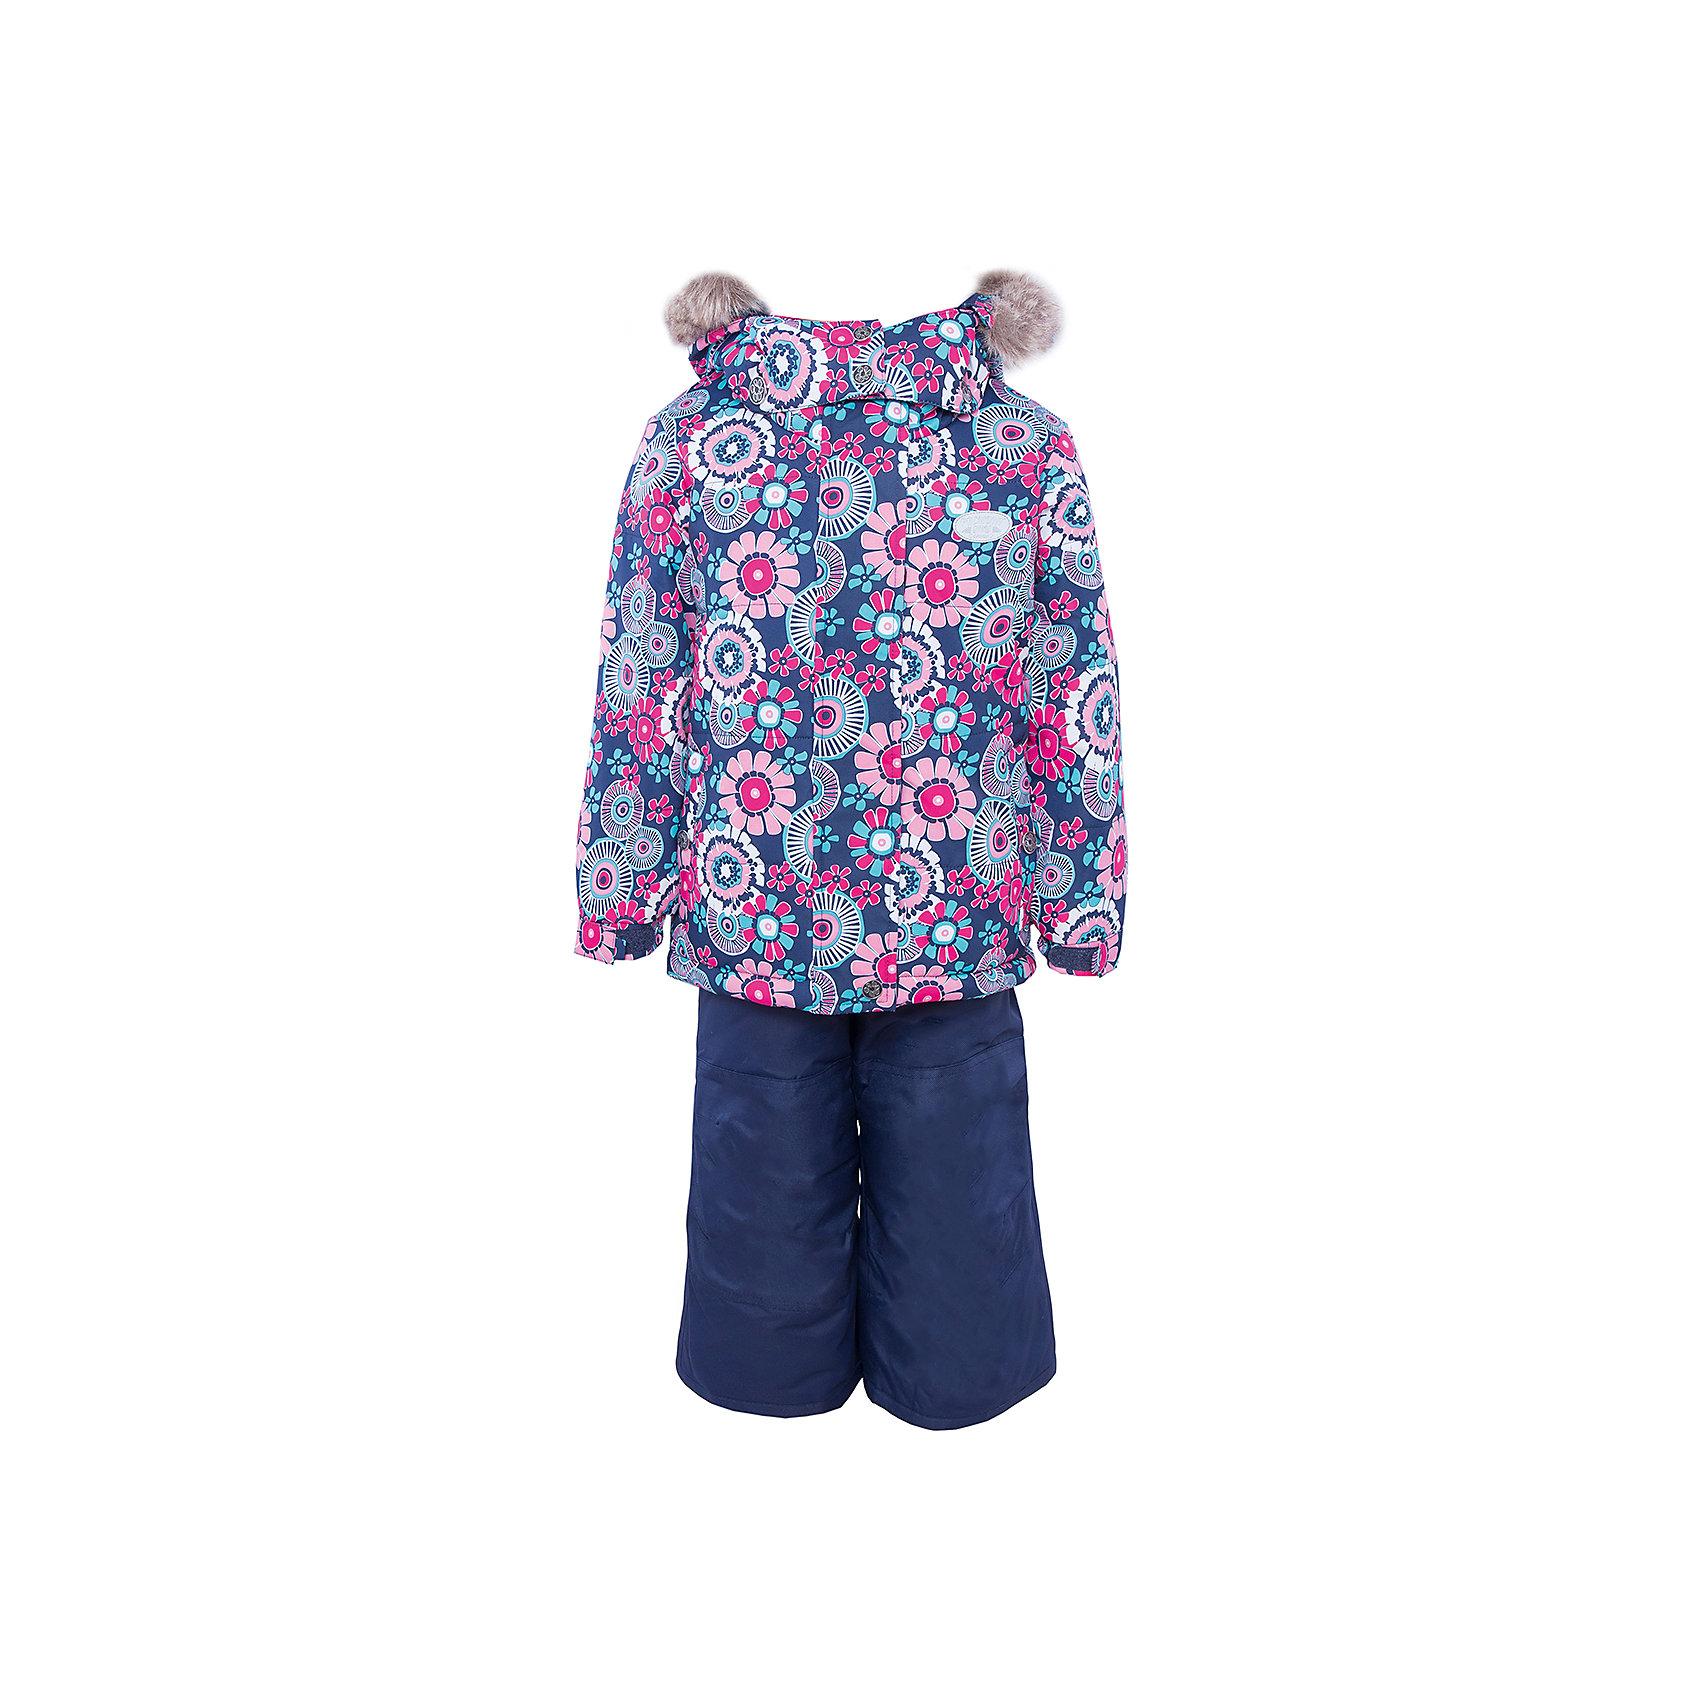 Комплект: куртка и брюки для девочки PremontКомплект: куртка и брюки для девочки от известного бренда Premont .<br>Принт «Виражи Wonderland» посвящен крупнейшему семейному парку развлечений Wonderland, который располагается в Дубае. Парк «Wonderland» - это настоящая страна чудес, где развлечения себе найдут дети любого возраста, от нуля и до бесконечности. С высоты птичьего полета множество ярких качелей, каруселей и аттракционов напоминают магические виражи.<br>Состав:<br>Ткань верха: мембрана 5000мм/5000г/м2/24h, Taslan<br>Подклад: Polarfleece (тело, капюшон, манжеты), TaTaffeta (брюки, рукава, снежная юбка) <br>Утеплитель: Tech-polyfill (куртка 280г, брюки 180г)<br><br>Ширина мм: 356<br>Глубина мм: 10<br>Высота мм: 245<br>Вес г: 519<br>Цвет: фиолетовый<br>Возраст от месяцев: 72<br>Возраст до месяцев: 84<br>Пол: Женский<br>Возраст: Детский<br>Размер: 120,128,116,110,104,100,98,92<br>SKU: 4996667